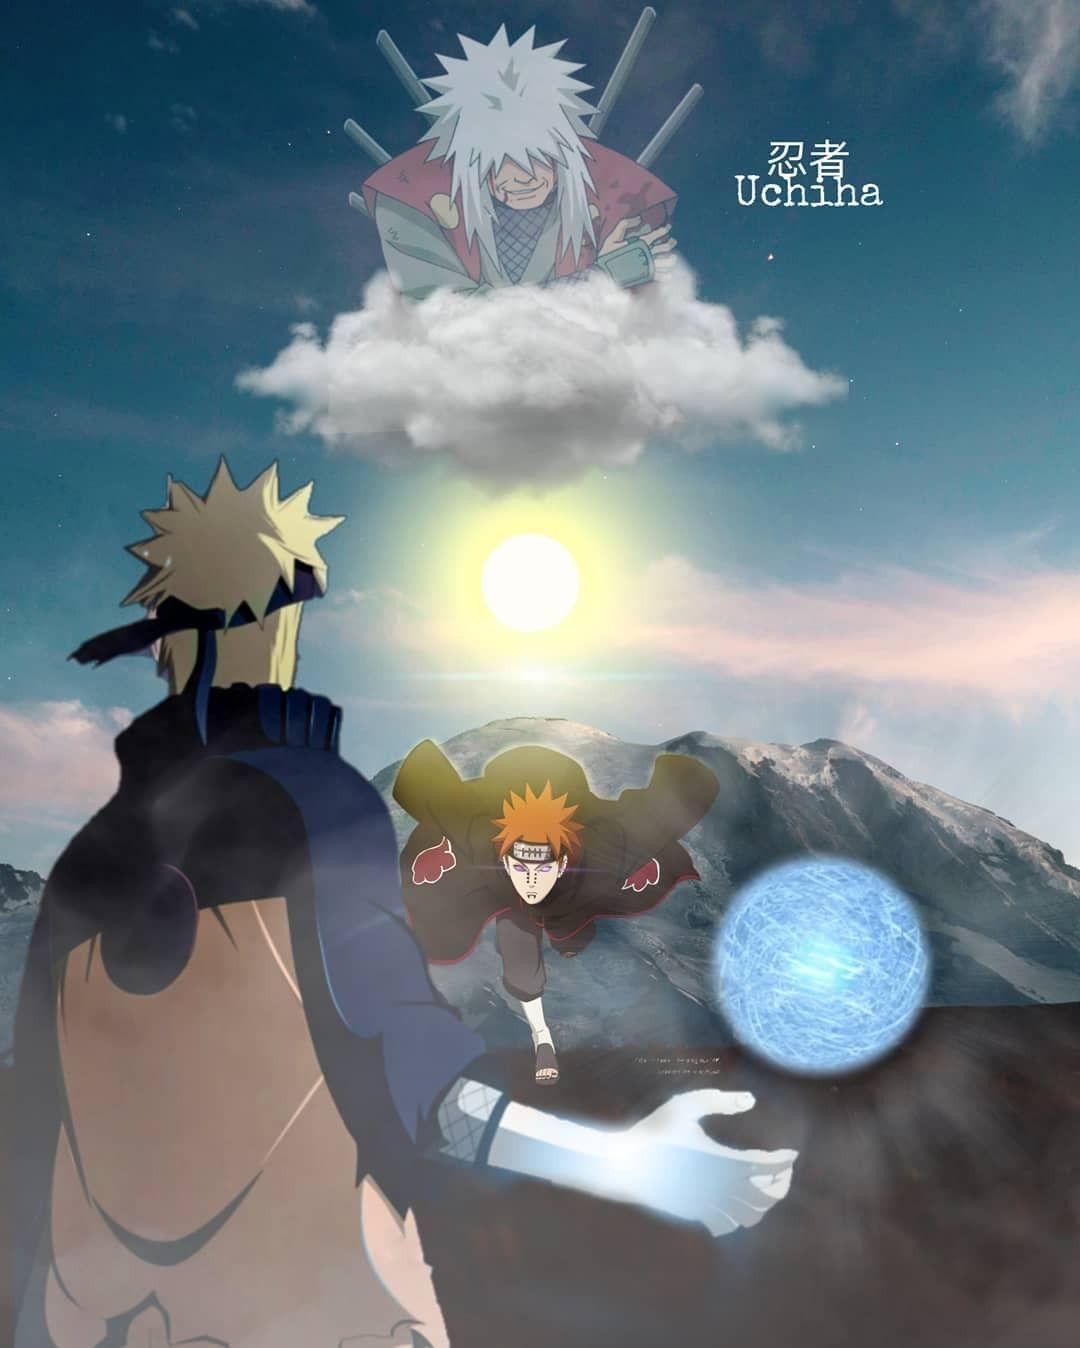 Pin De Habib Douik Em Anime Em 2020 Wallpapers Paisagens Paisagens Metadinhas